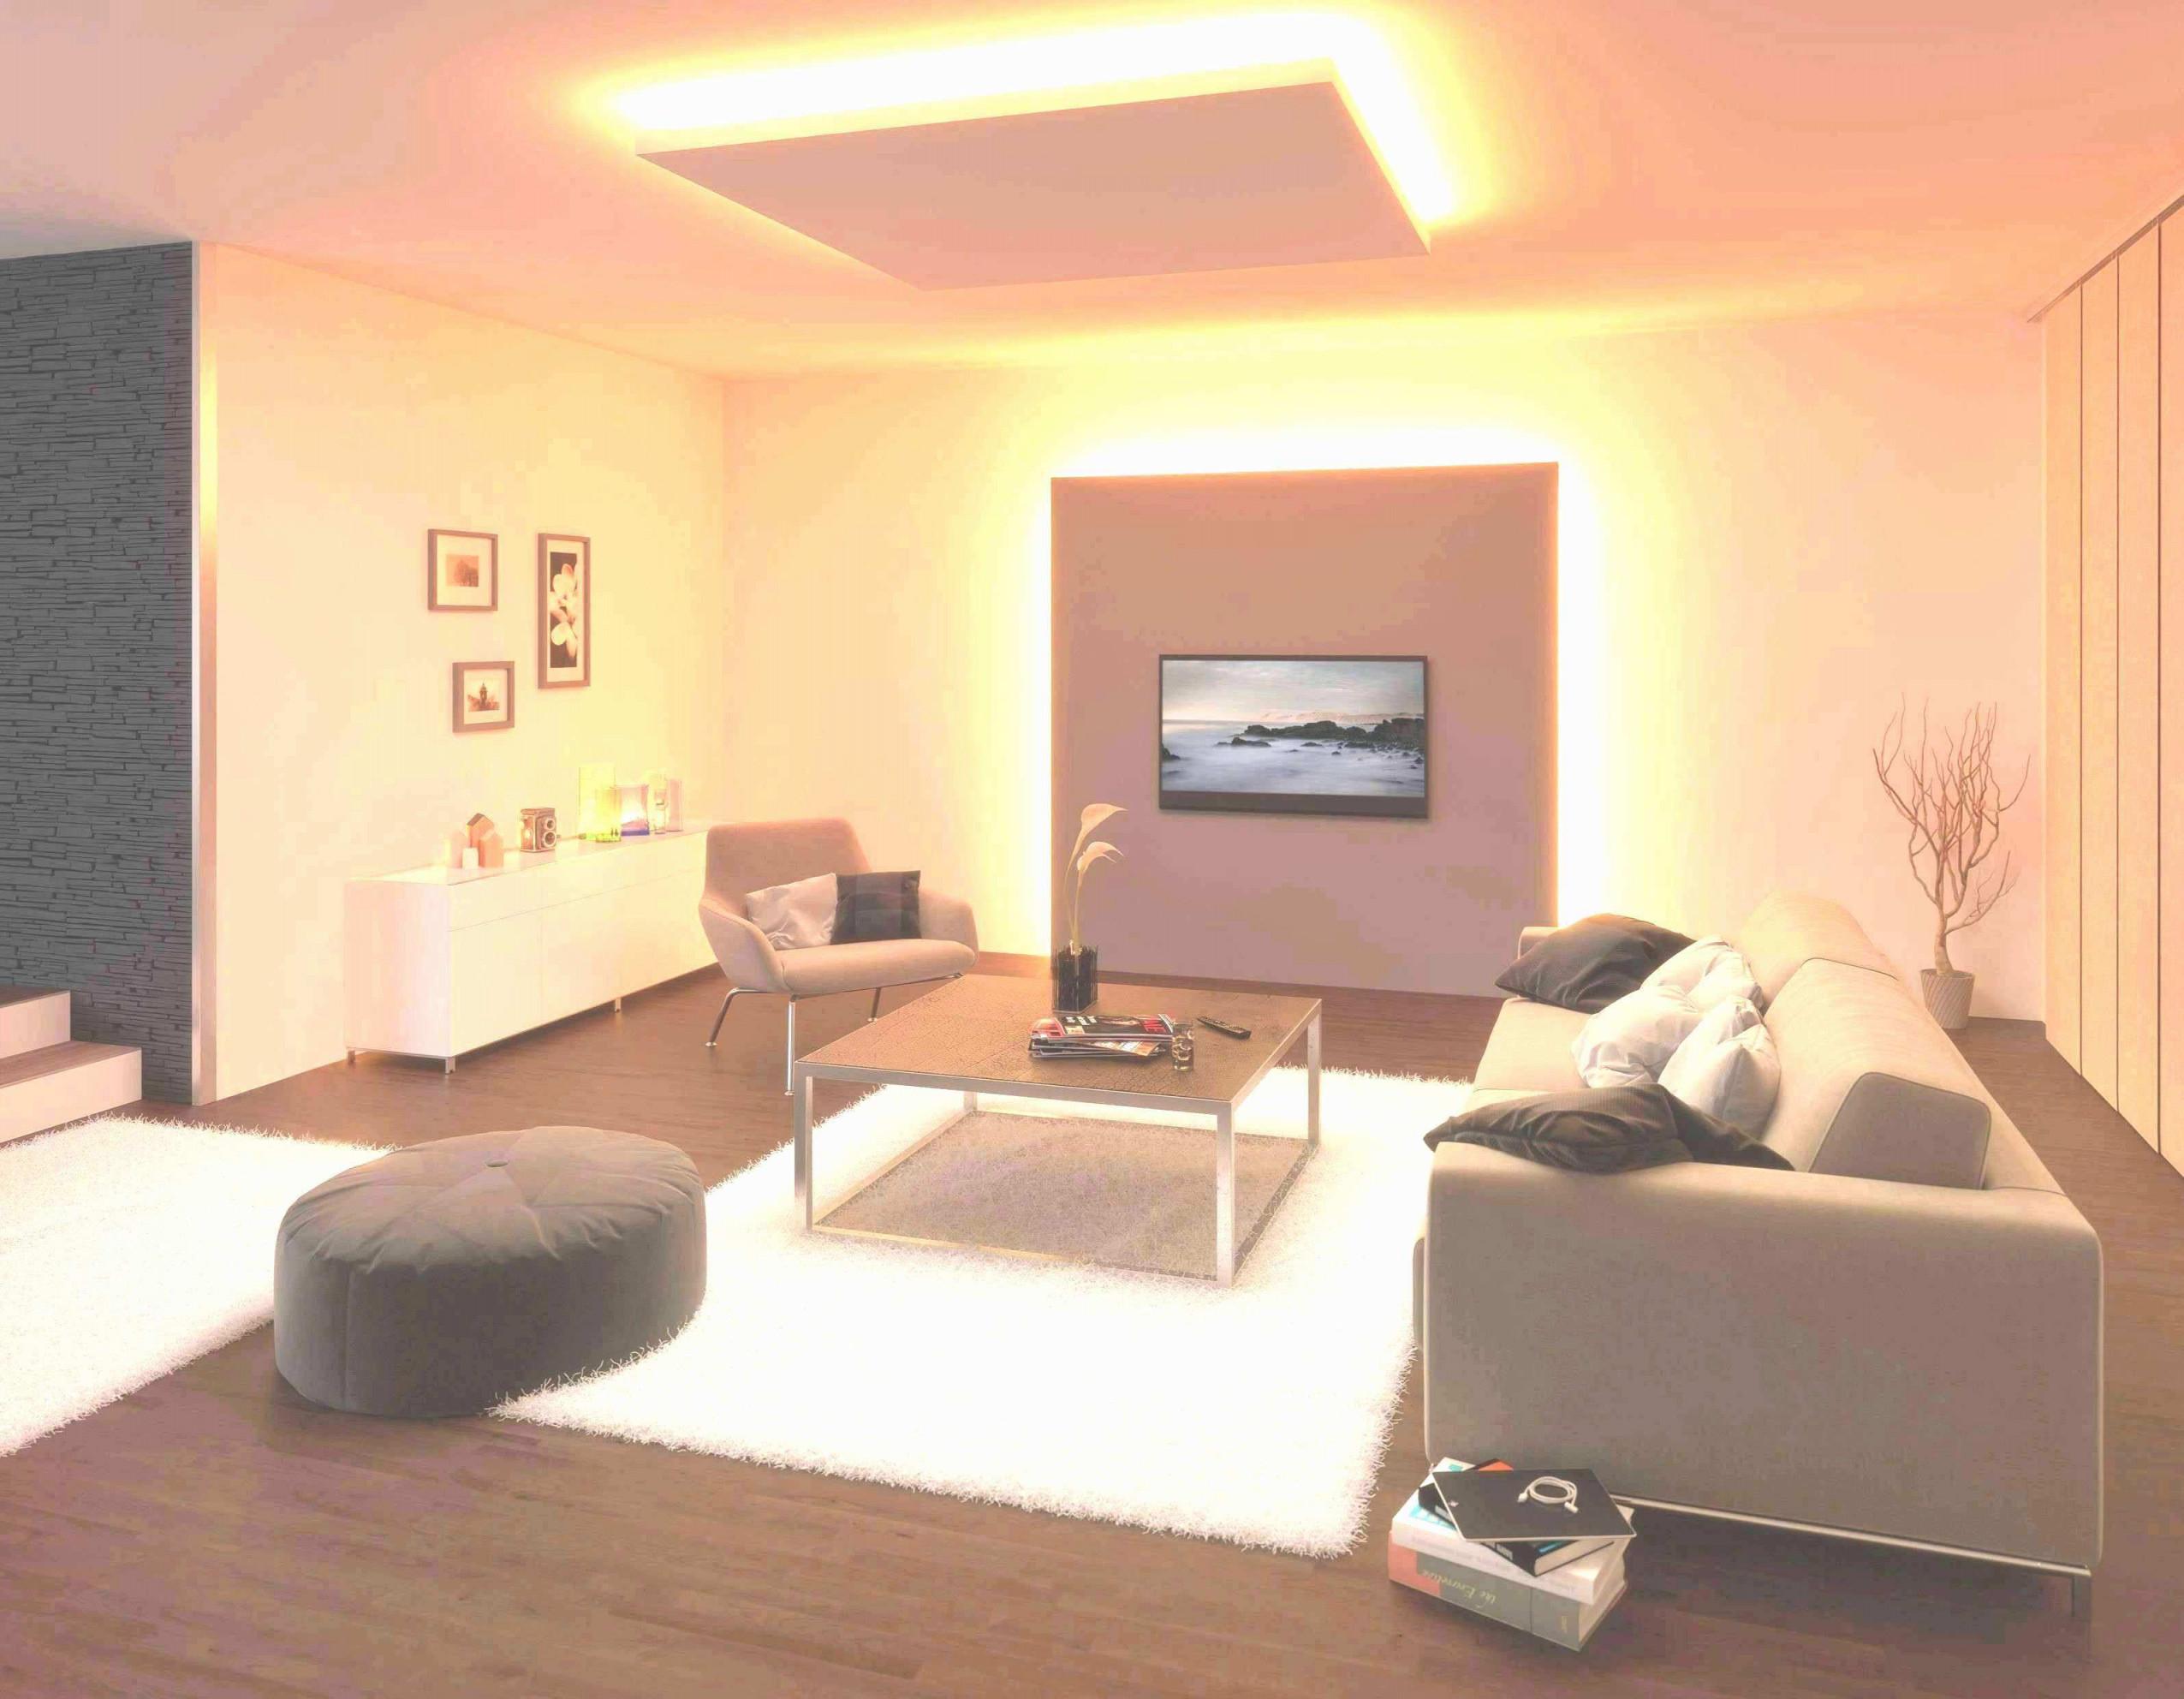 59 Neu Deckenlampe Wohnzimmer Modern Genial  Tolles von Deckenlampe Wohnzimmer Modern Photo